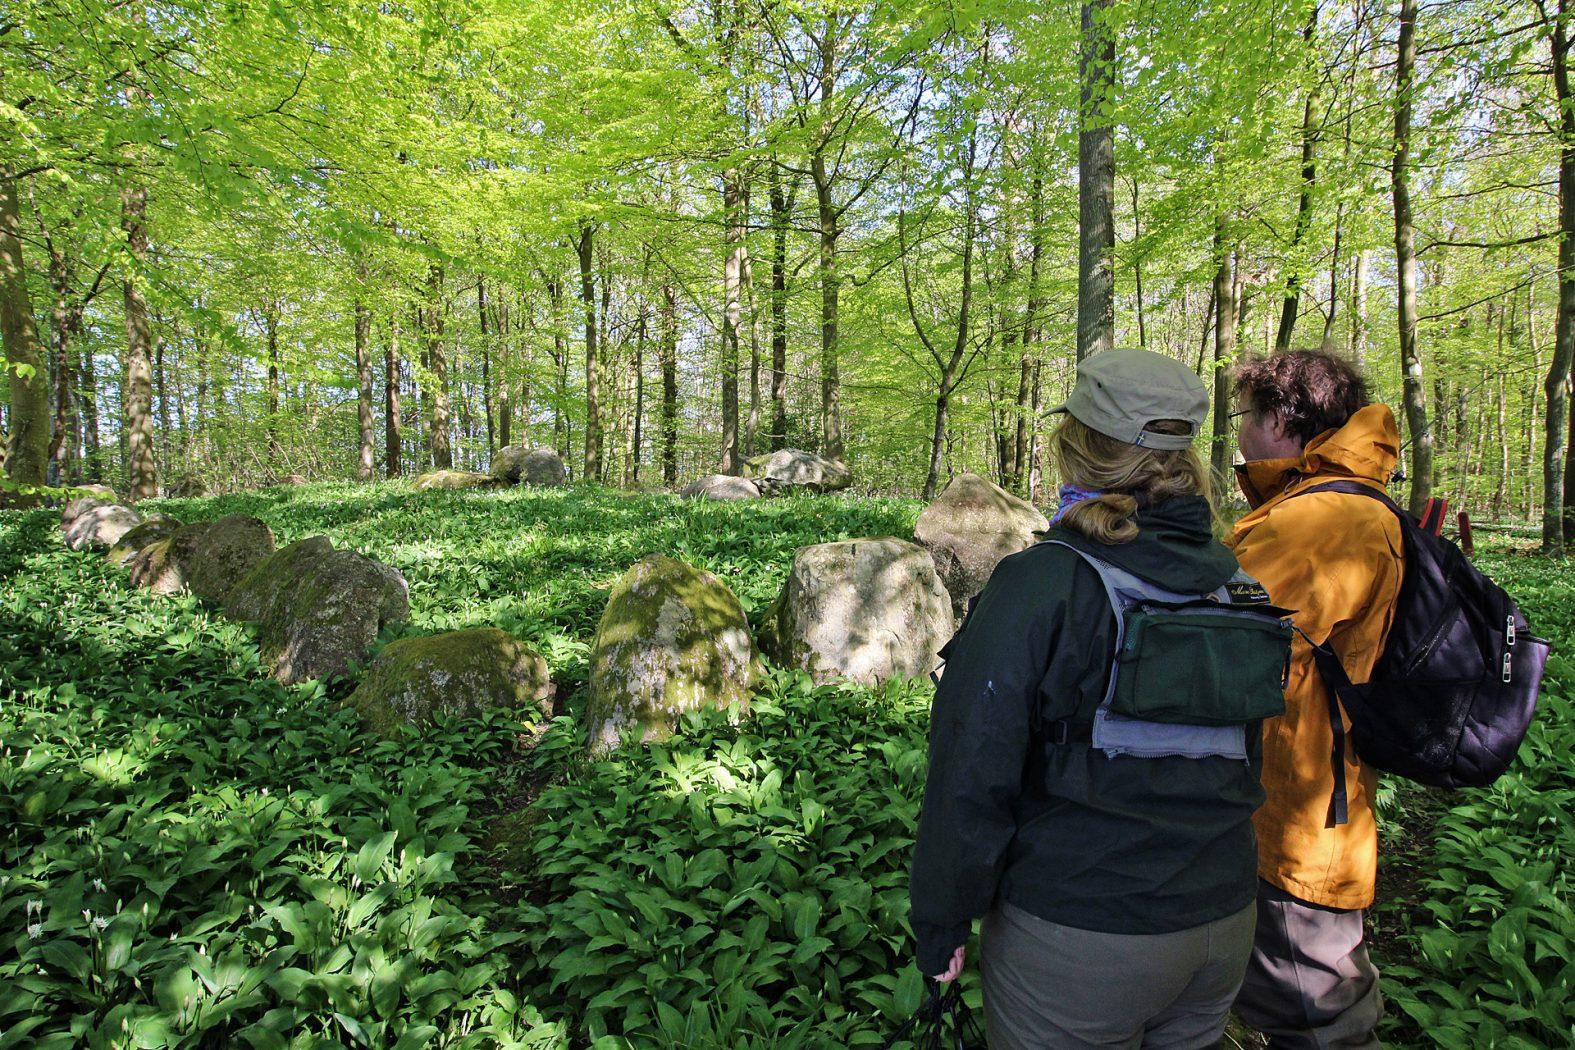 Hünengrab und Bärlauch am Lillebælt